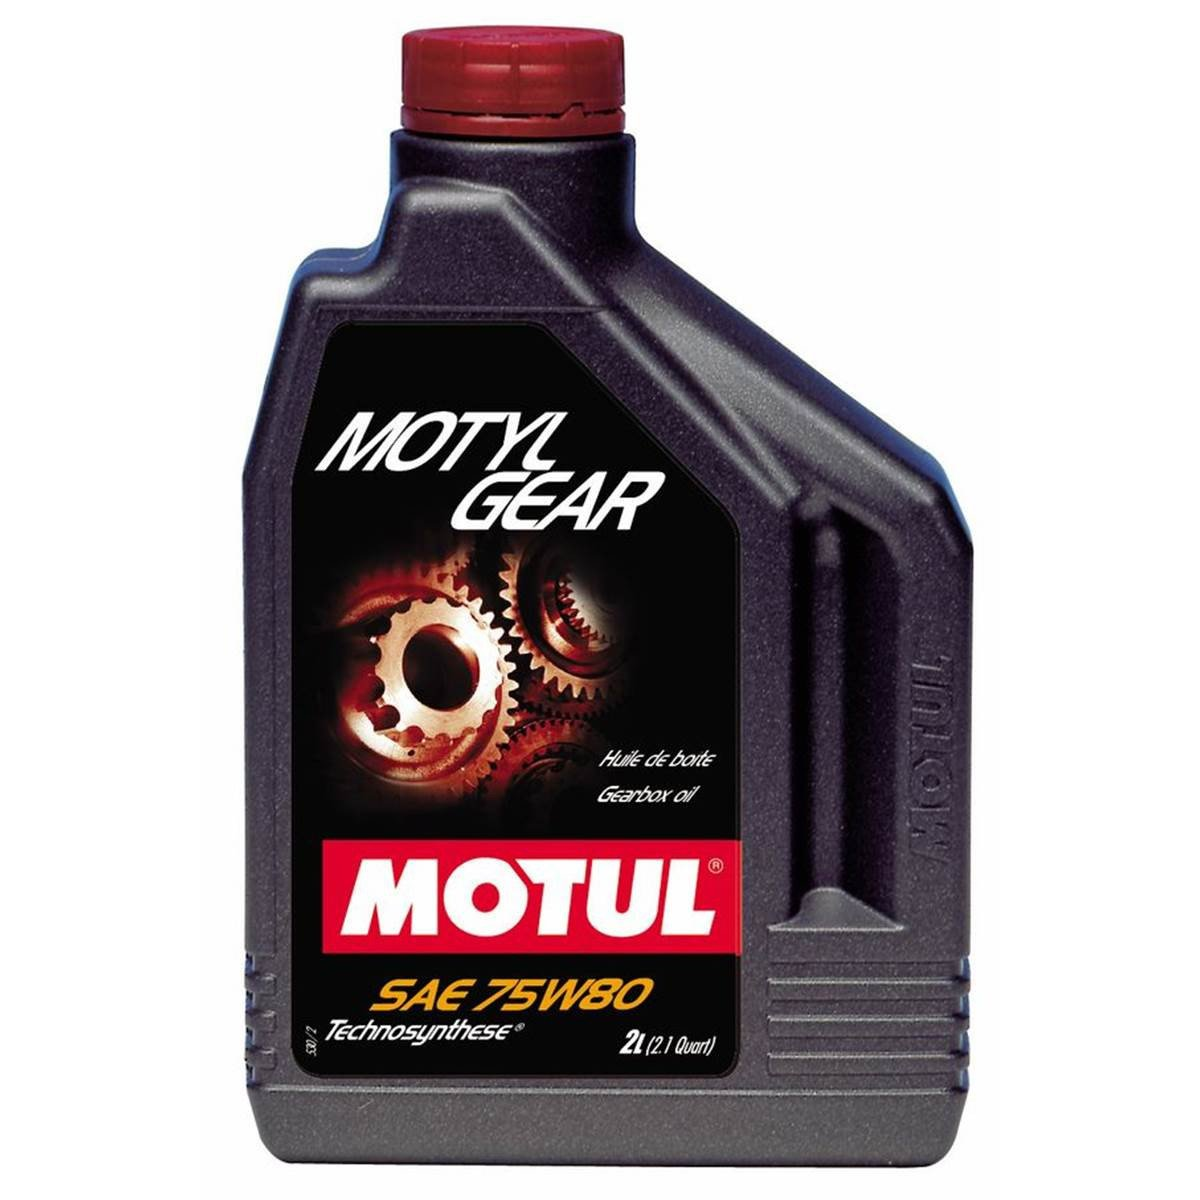 Motul MotylGear 75W80 2L